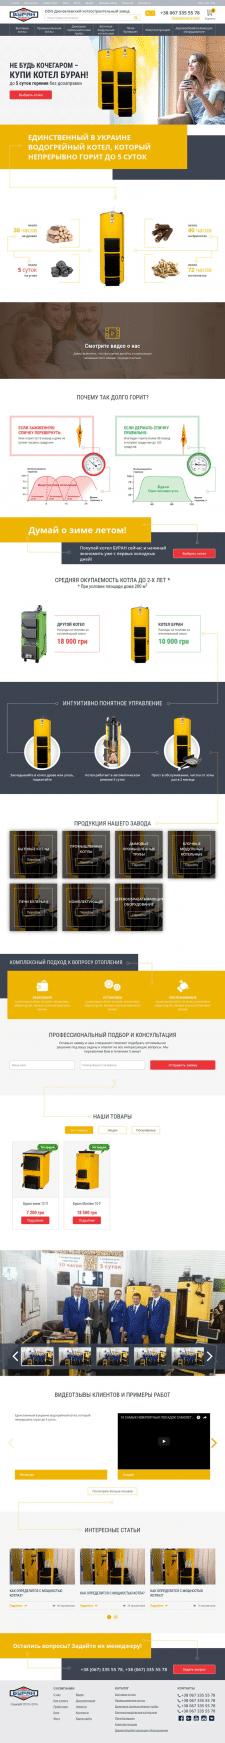 Создание сайта под ключ | Котлостроительный завод